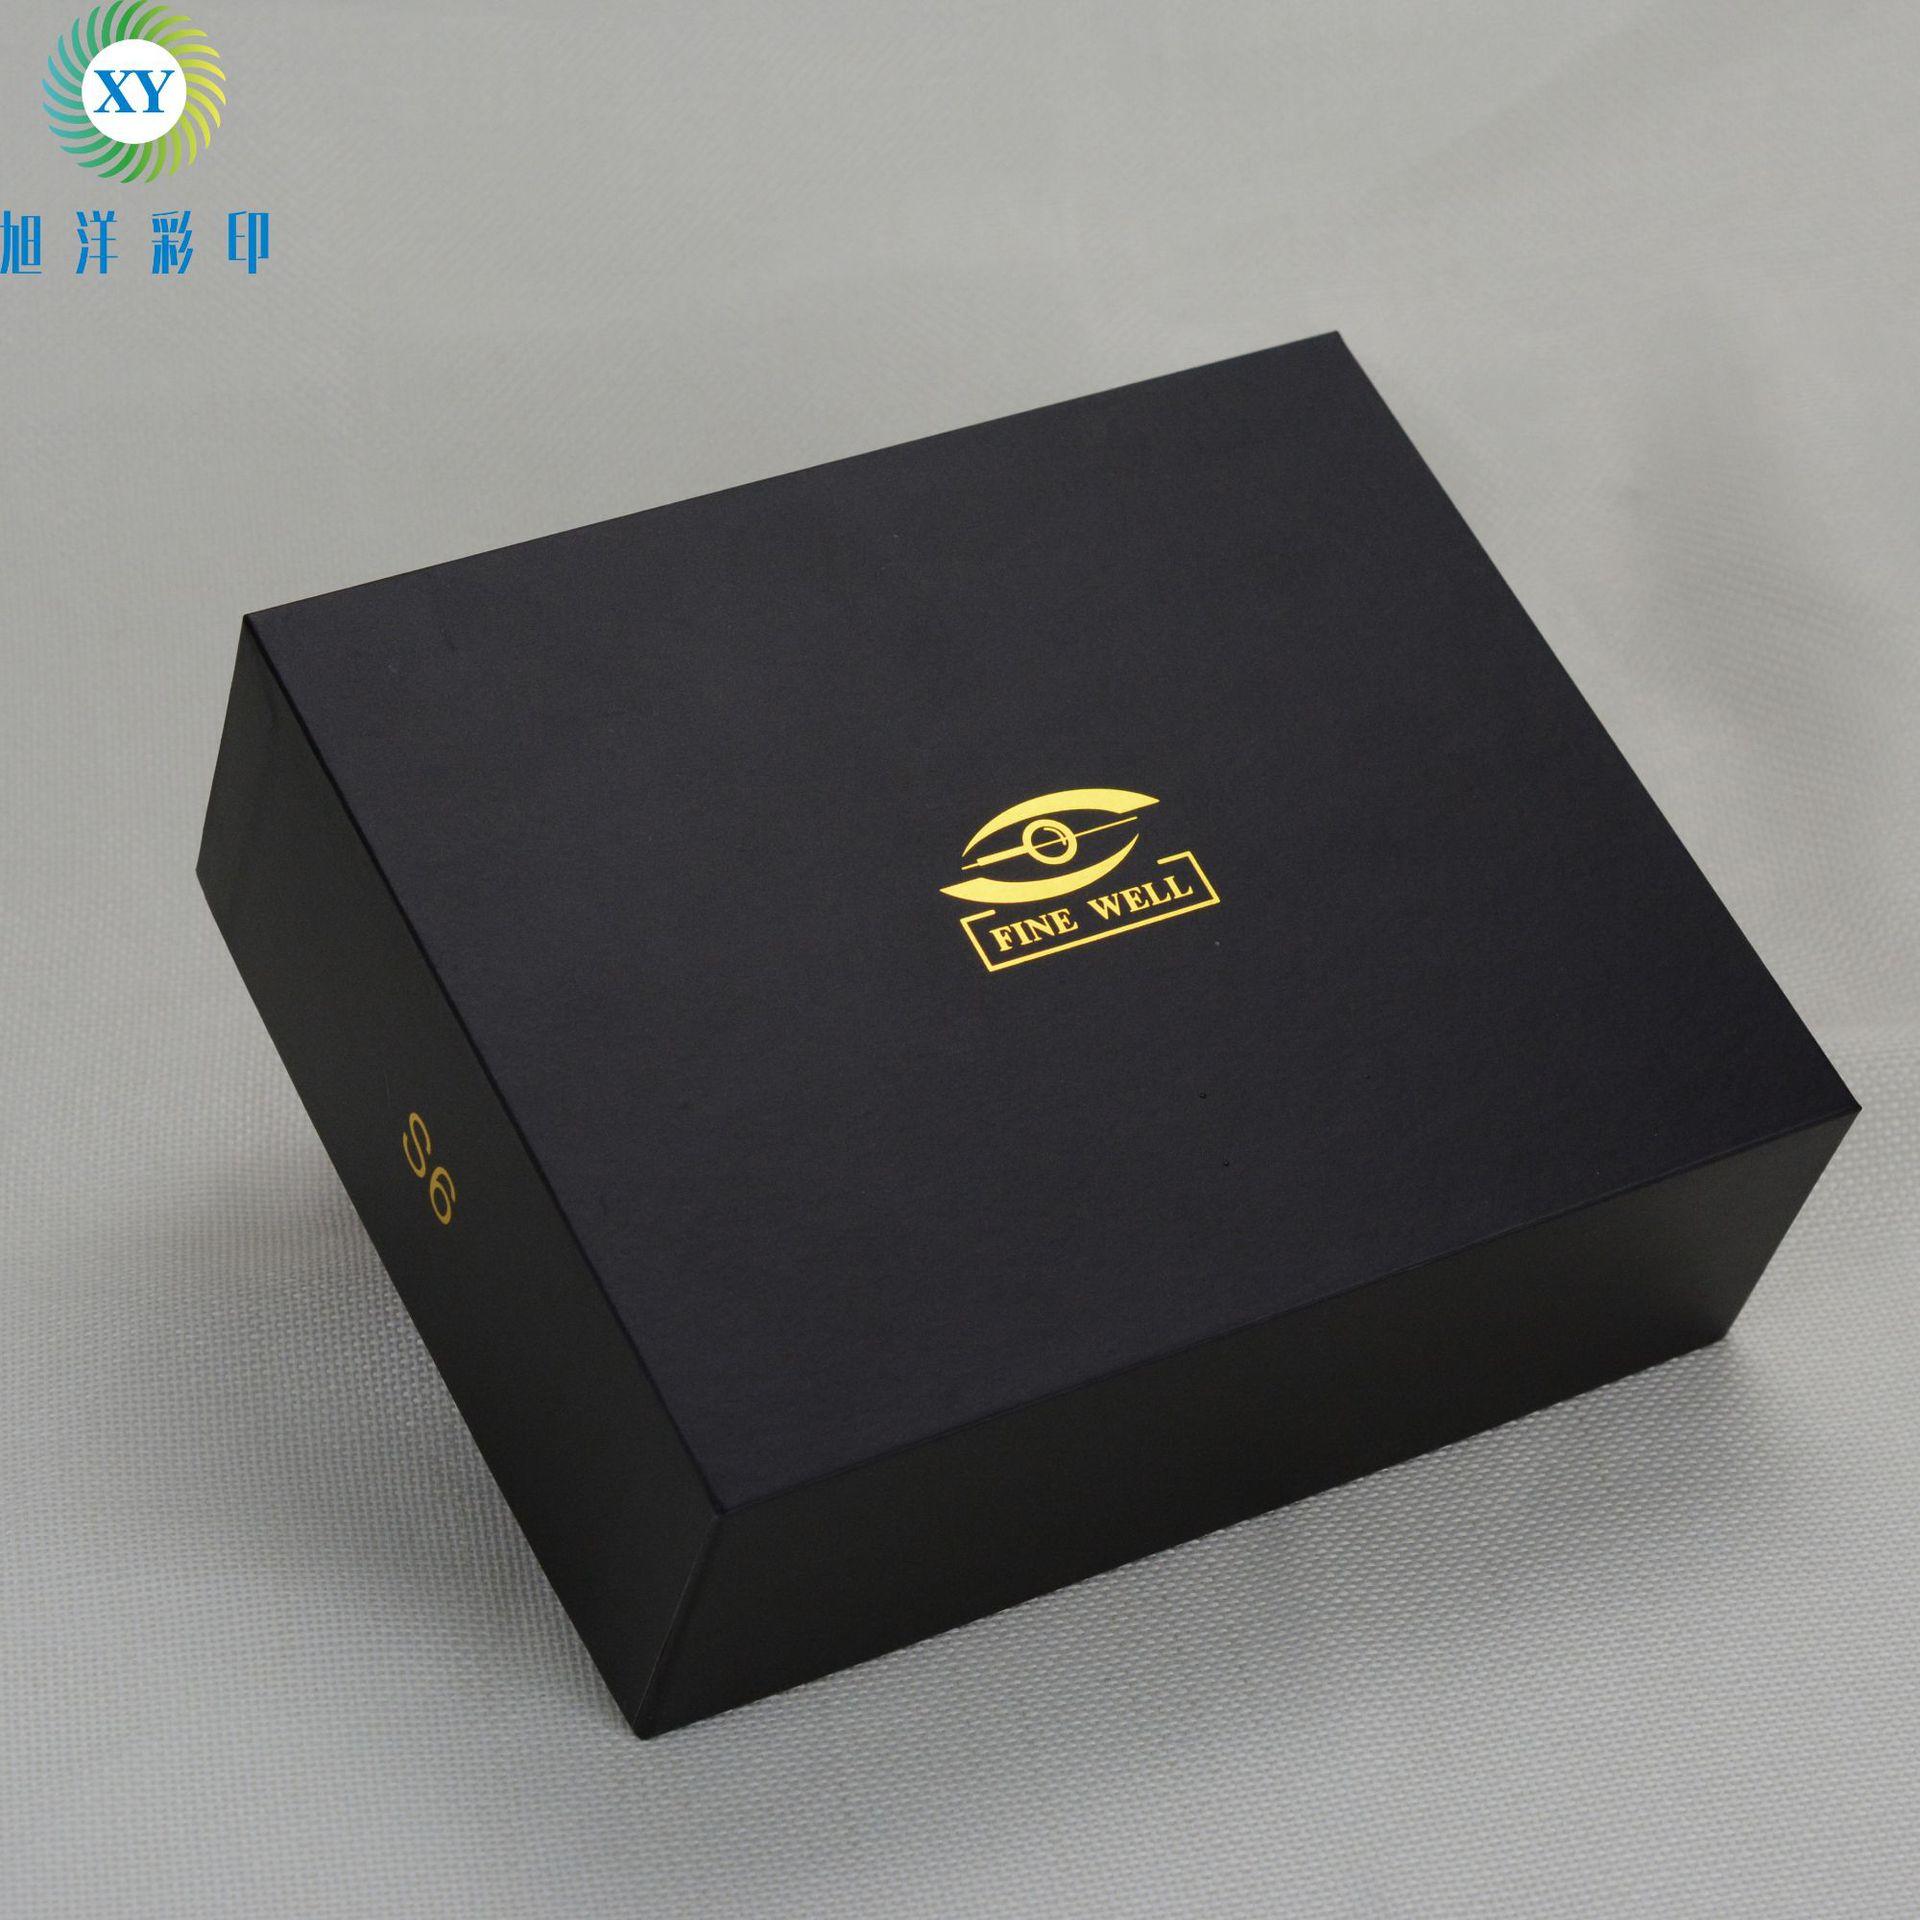 Tùy chỉnh thế giới màu đen bìa hộp Bán Buôn hộp thế giới hộp quà tặng LOGO dập nóng có thể được tùy